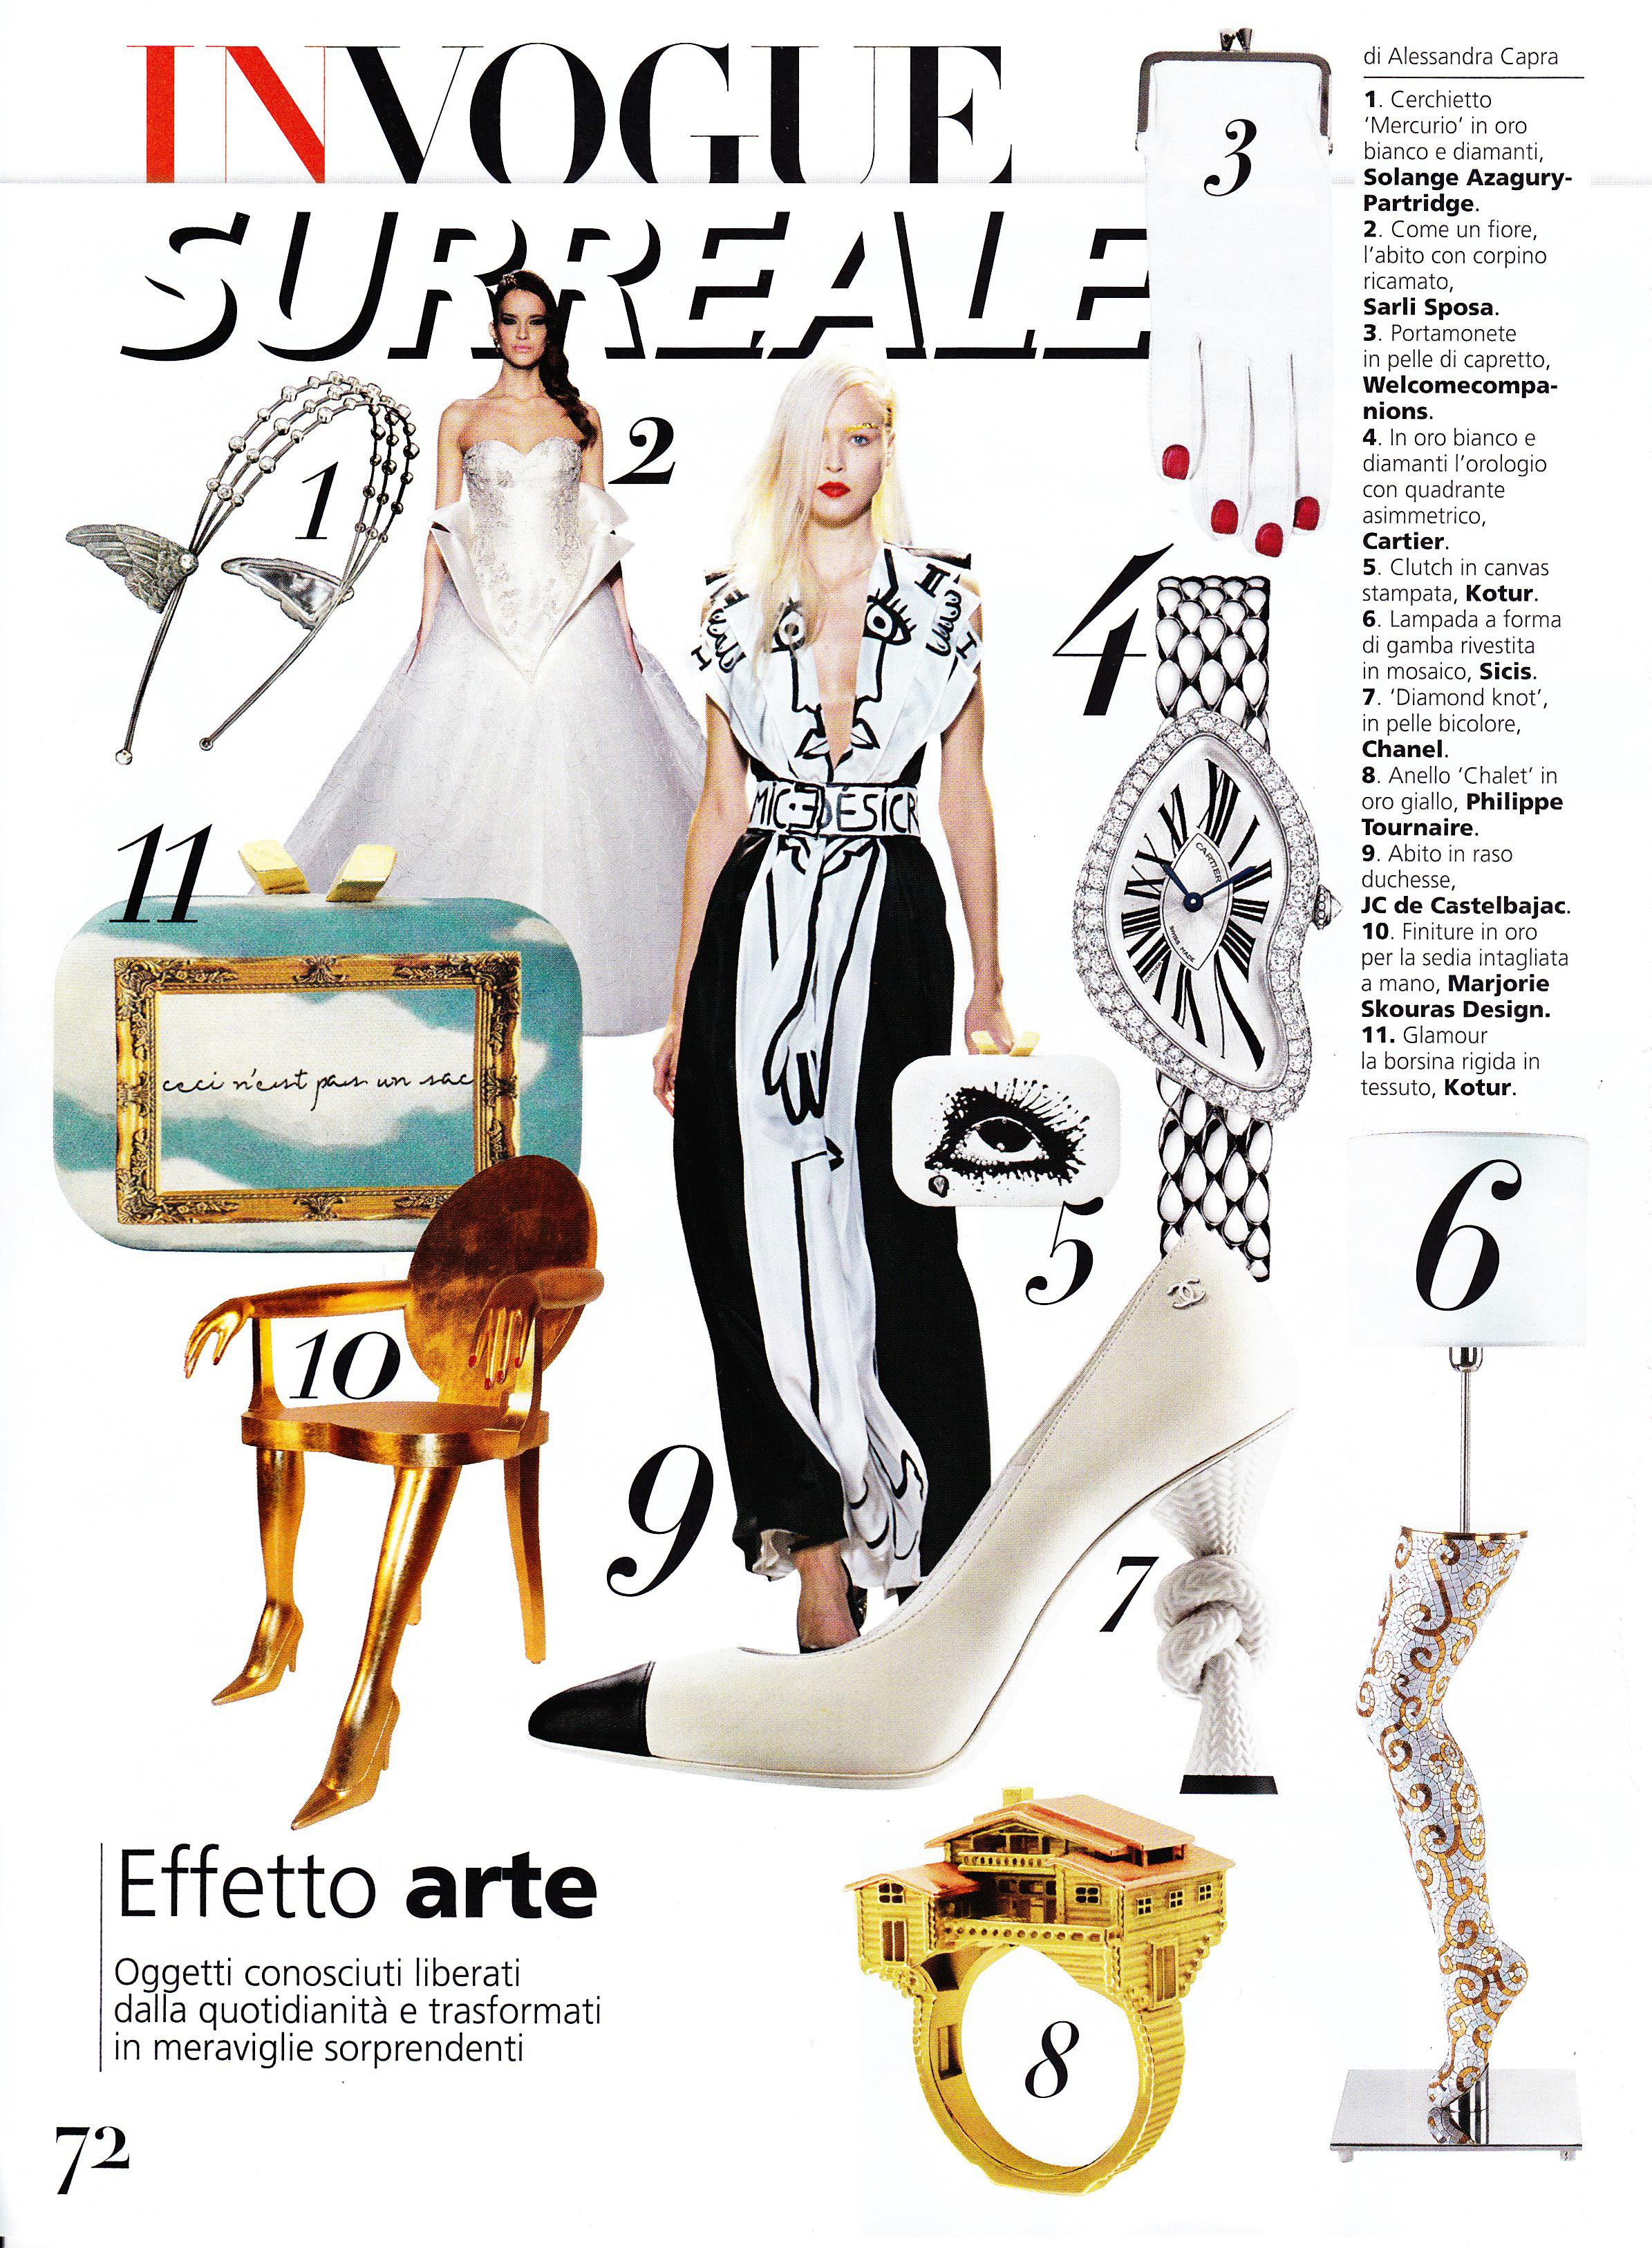 Vogue Sposa June 2014_2